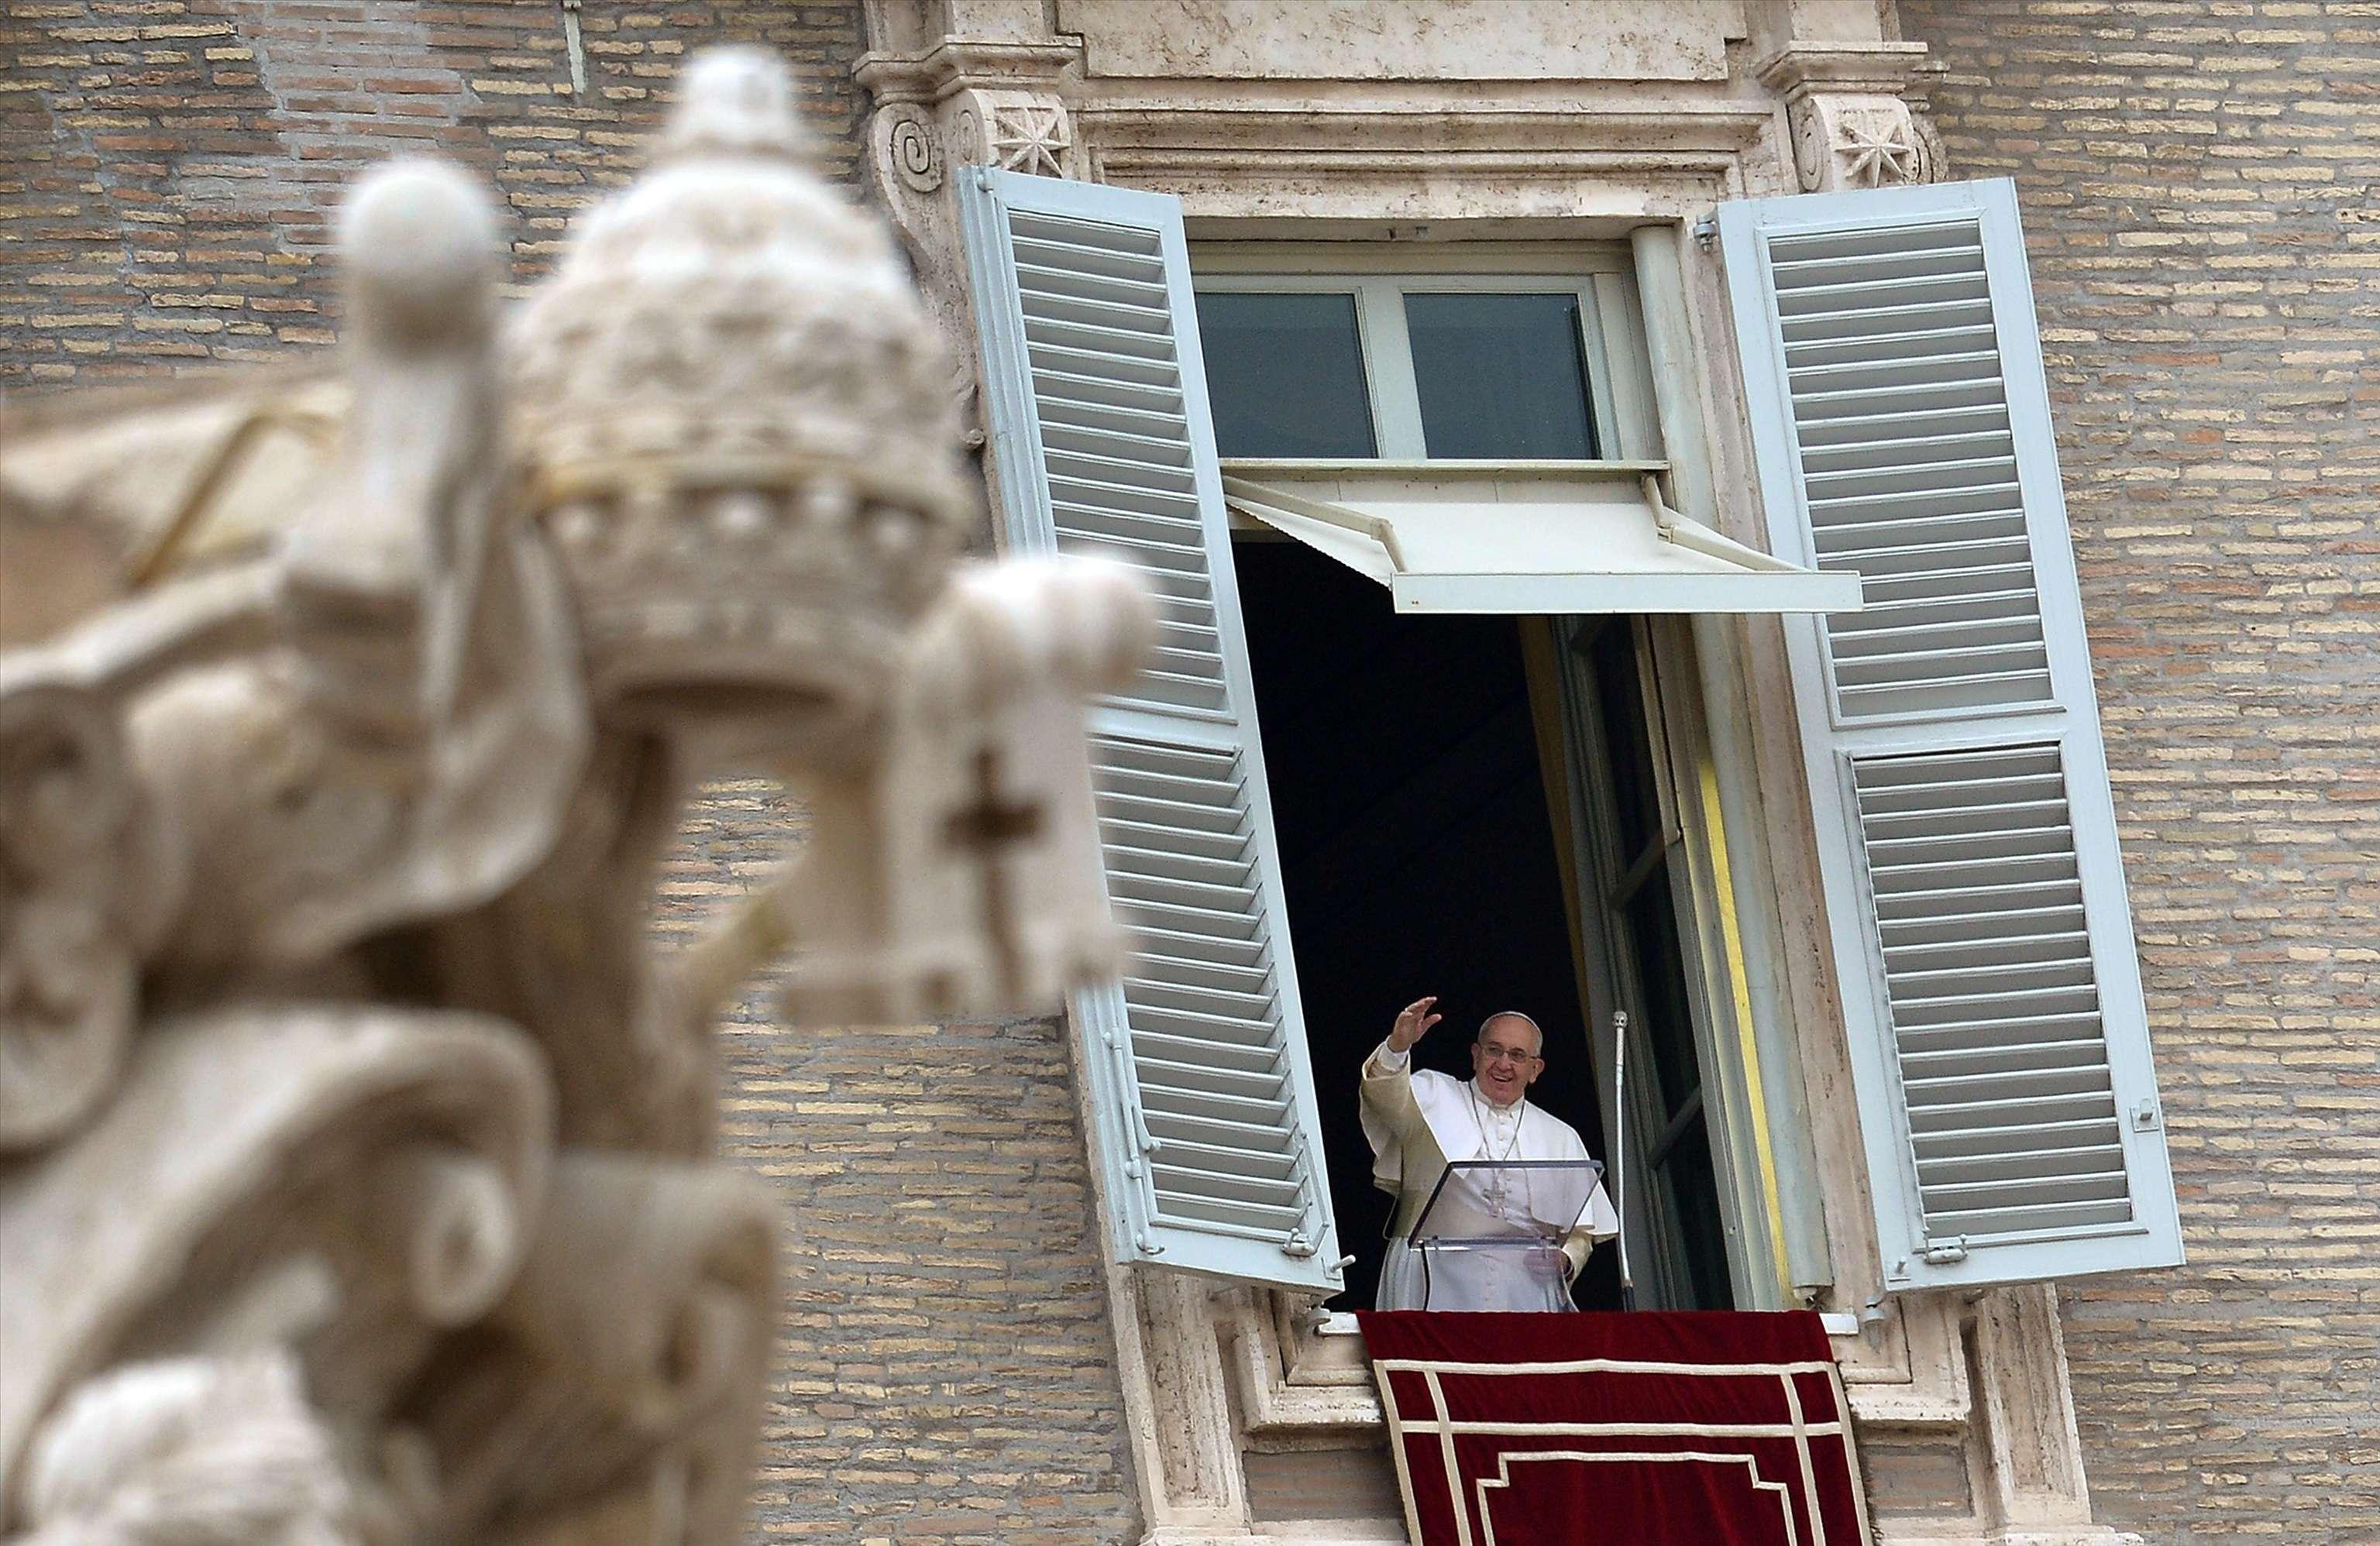 Papa falou aos fiéis neste domingo, no Vaticano Foto: AFP